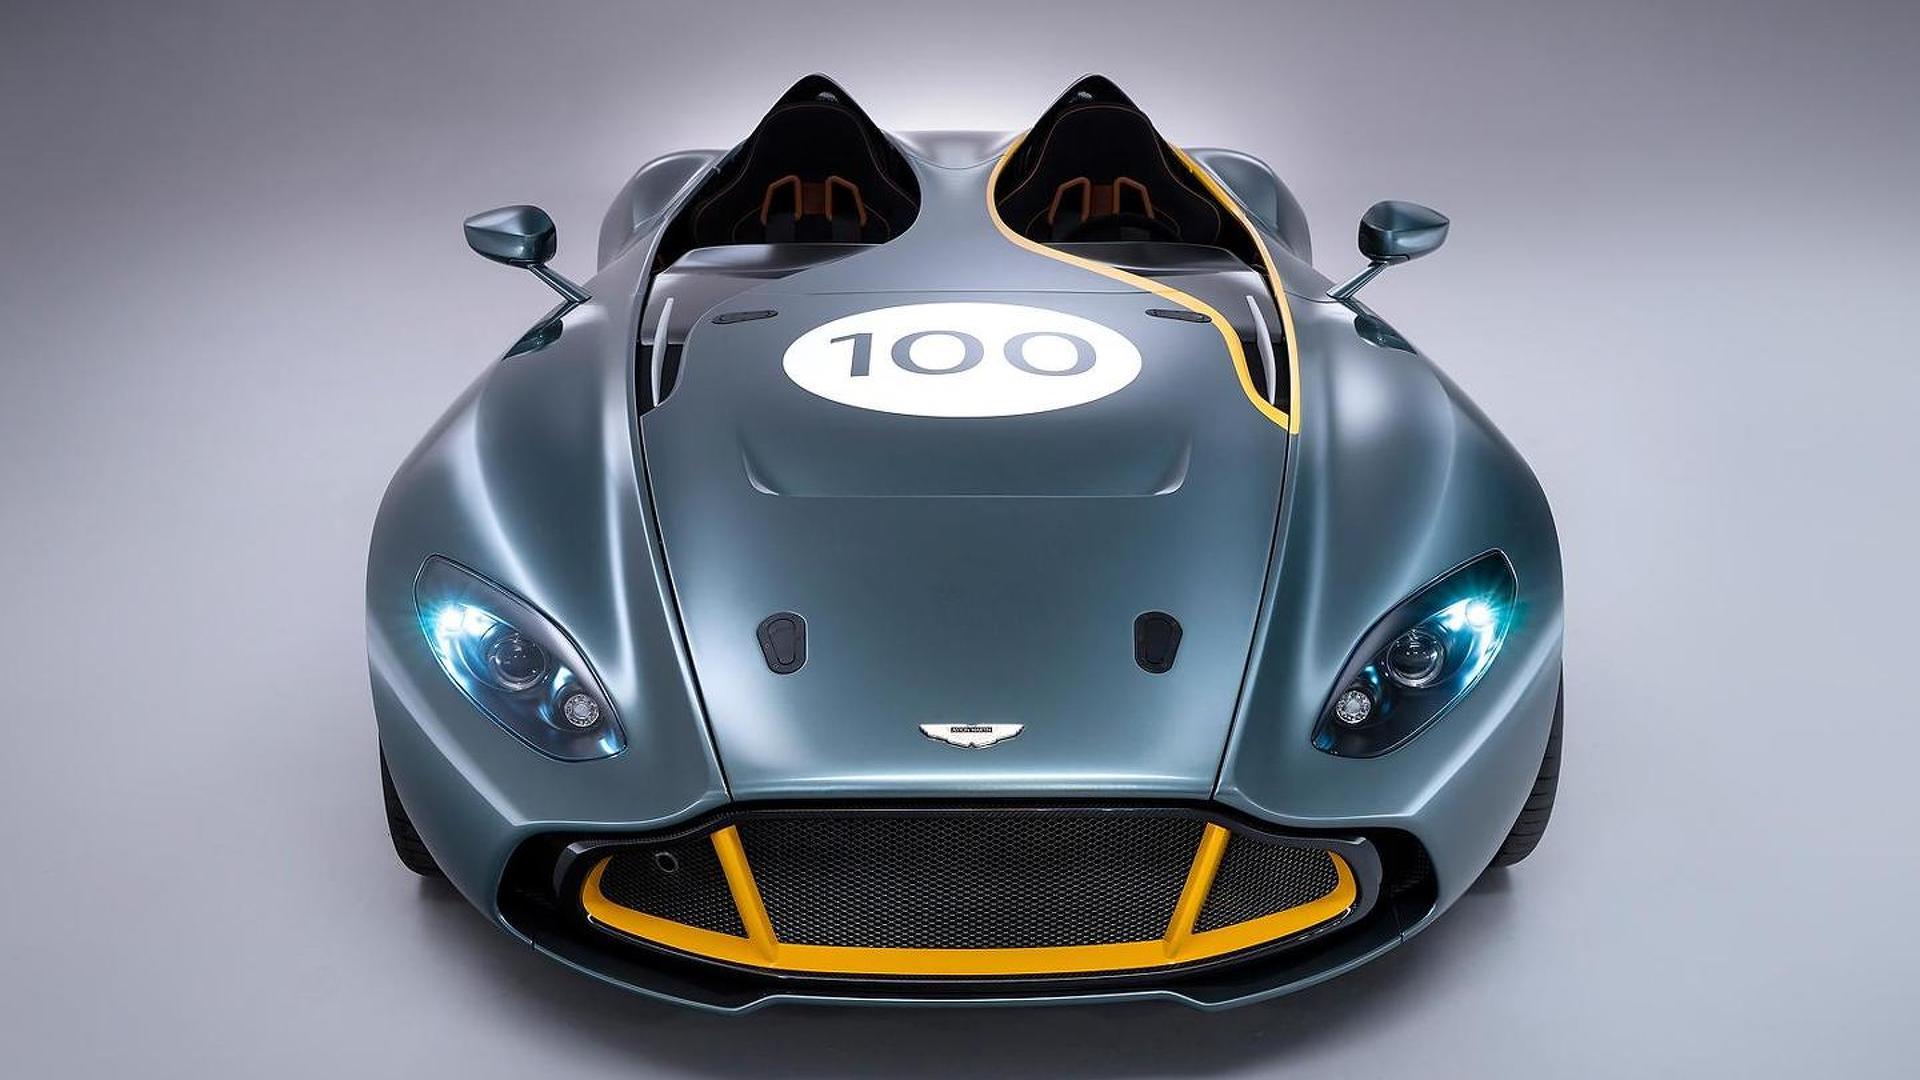 aston martin cc100 concept drivenjay leno